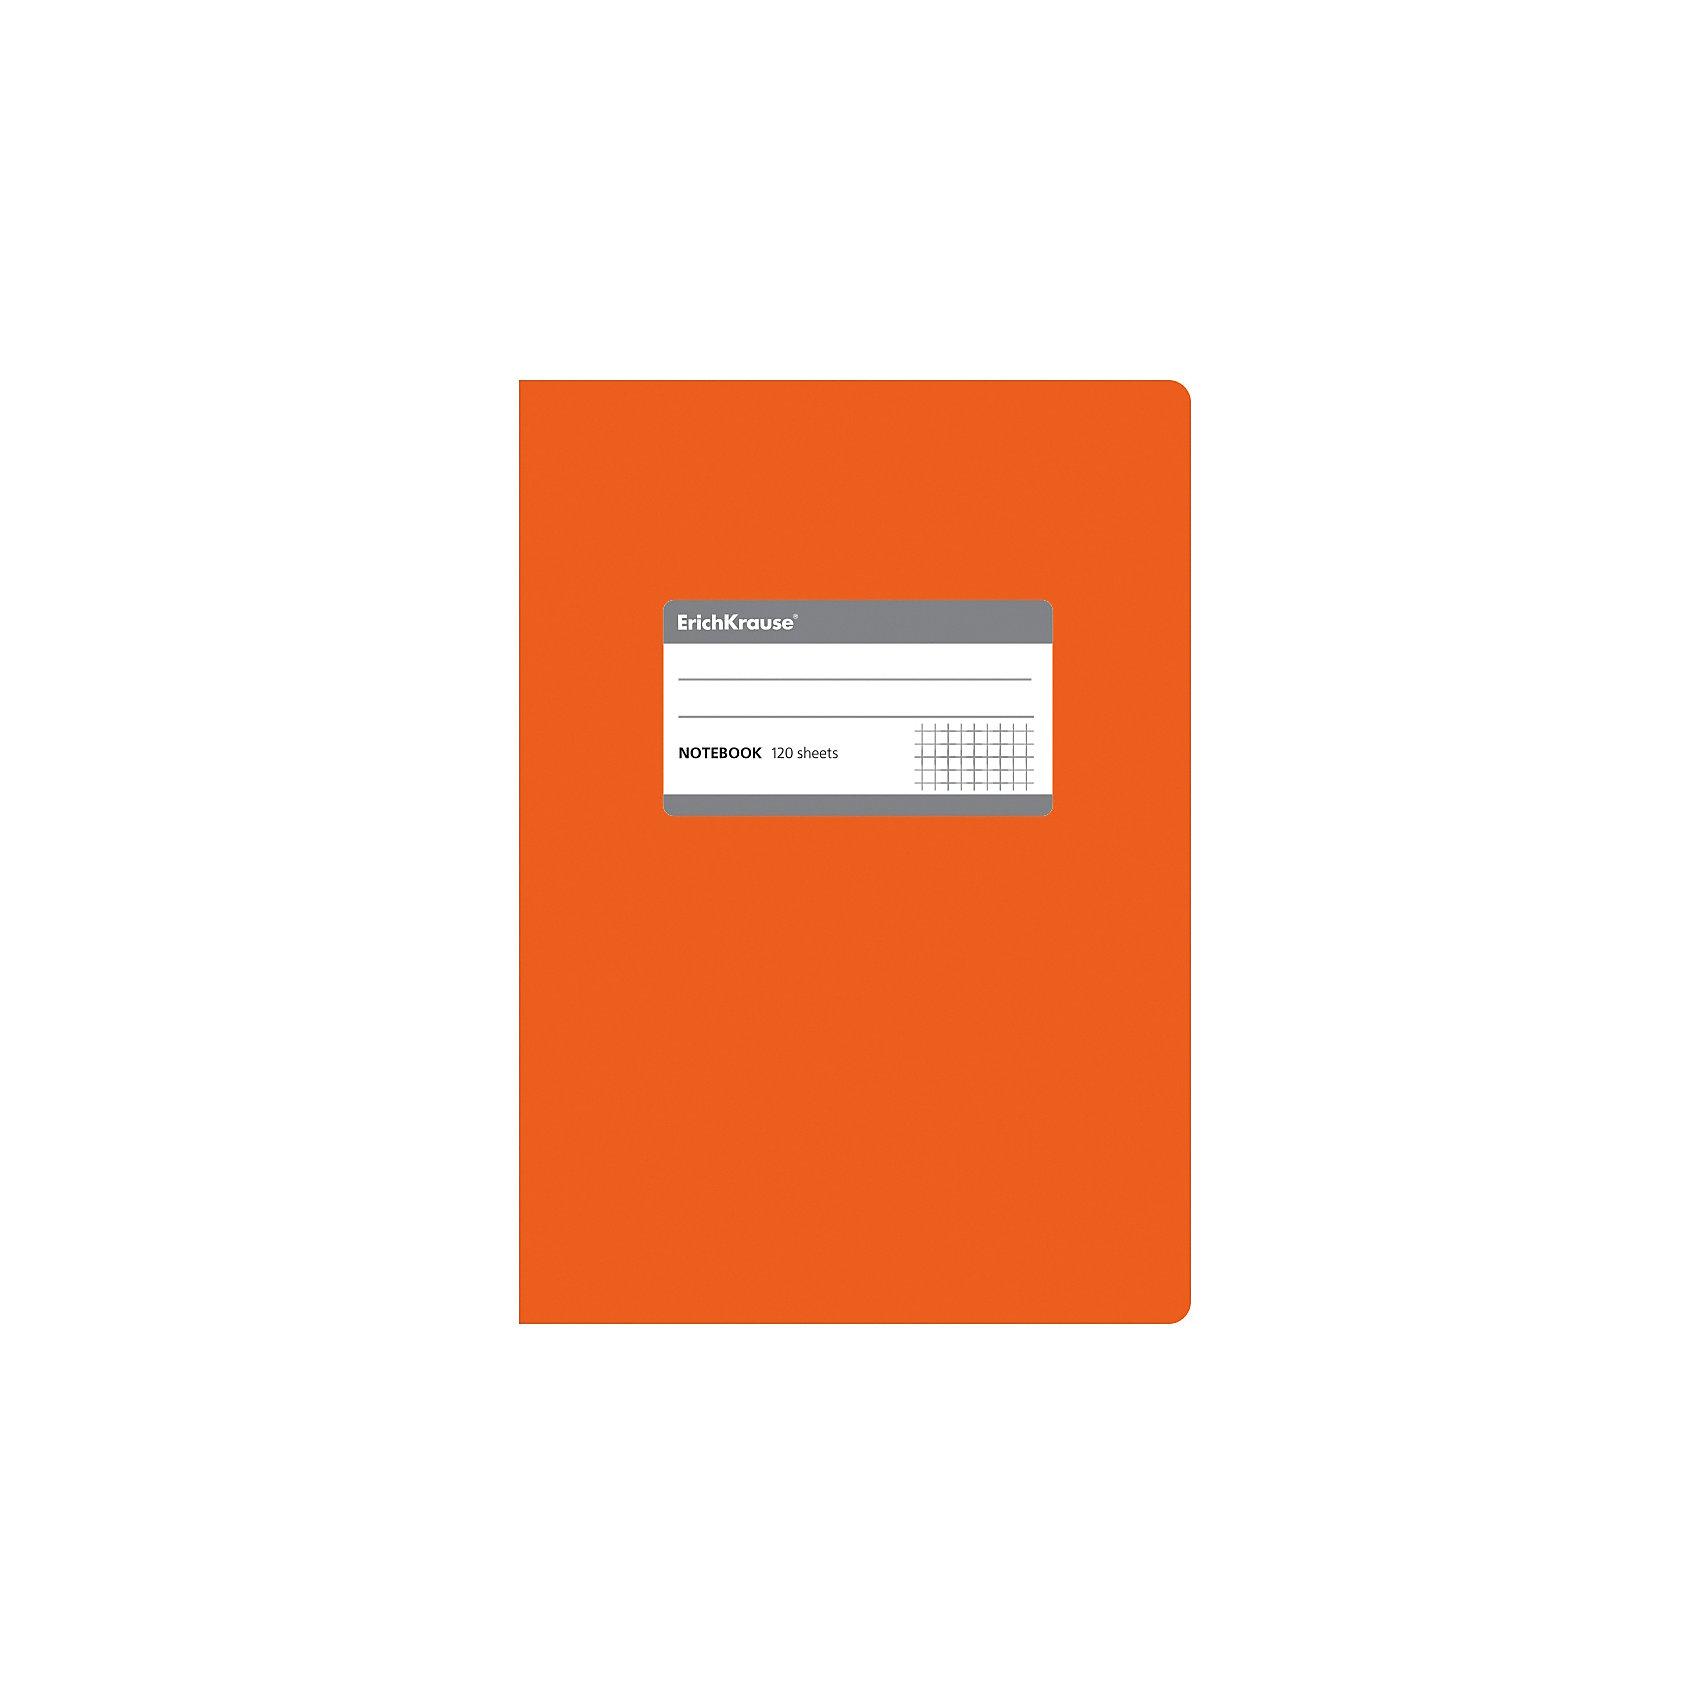 Erich Krause Тетрадь общая c титульной этикеткой А5, FLUOR, 120 листов, клеткаБумажная продукция<br>Характеристики товара: <br><br>• количество листов: 120;<br>• формат: А5;<br>• цвет: оранжевый;<br>• плотность бумаги: 60 г/м2;<br>• размер упаковки: 1,5х15х21 см;<br>• вес: 256 грамм.<br><br>Общая тетрадь ONE COLOR предназначена для старшеклассников, студентов и тех, кому необходимо записывать большой объем информации. 120 листов тетради разлинованы в клетку без полей. Бумага отличается высокой прочностью, благодаря чему писать на ней можно любыми чернилами.<br><br>Обложка тетради изготовлена из плотного картона с фактурным ламинированием. Она сохранит опрятный вид тетради и защитит ее от намокания и изнашивания. На титульном листе есть этикетка для внесения данных о владельце.<br><br>Erich Krause (Эрих Краузе) Тетрадь общую c титульной этикеткой А5, ONE COLOR, 120 листов, клетка можно купить в нашем интернет-магазине.<br><br>Ширина мм: 210<br>Глубина мм: 150<br>Высота мм: 15<br>Вес г: 255<br>Возраст от месяцев: 144<br>Возраст до месяцев: 2147483647<br>Пол: Унисекс<br>Возраст: Детский<br>SKU: 6878825